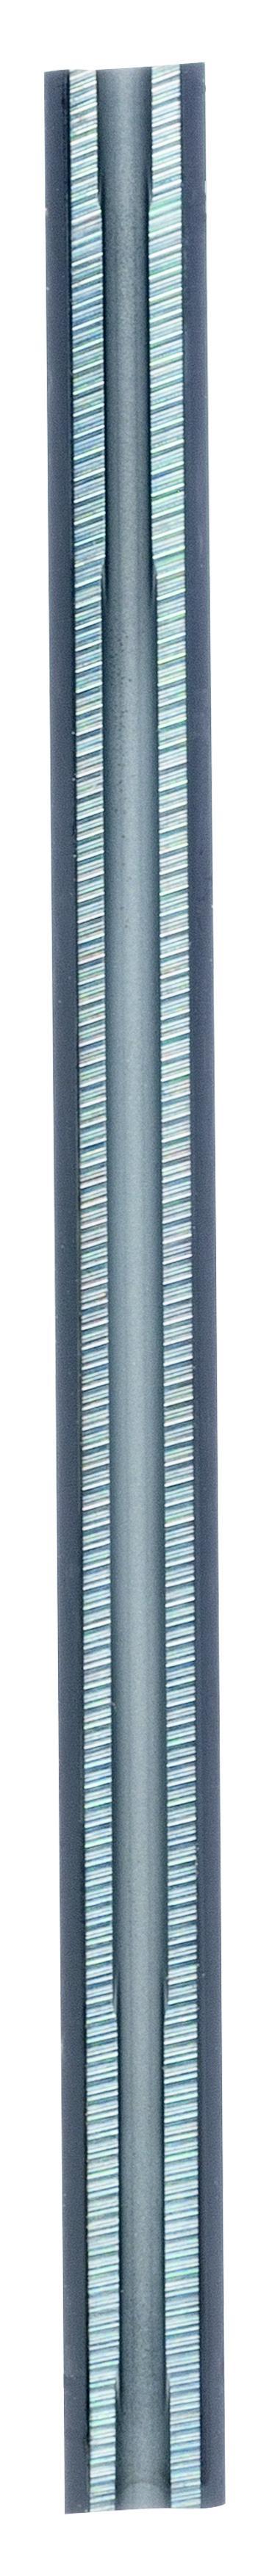 Ножи для рубанка Bosch 82 мм, 2 шт. (2.607.000.096)